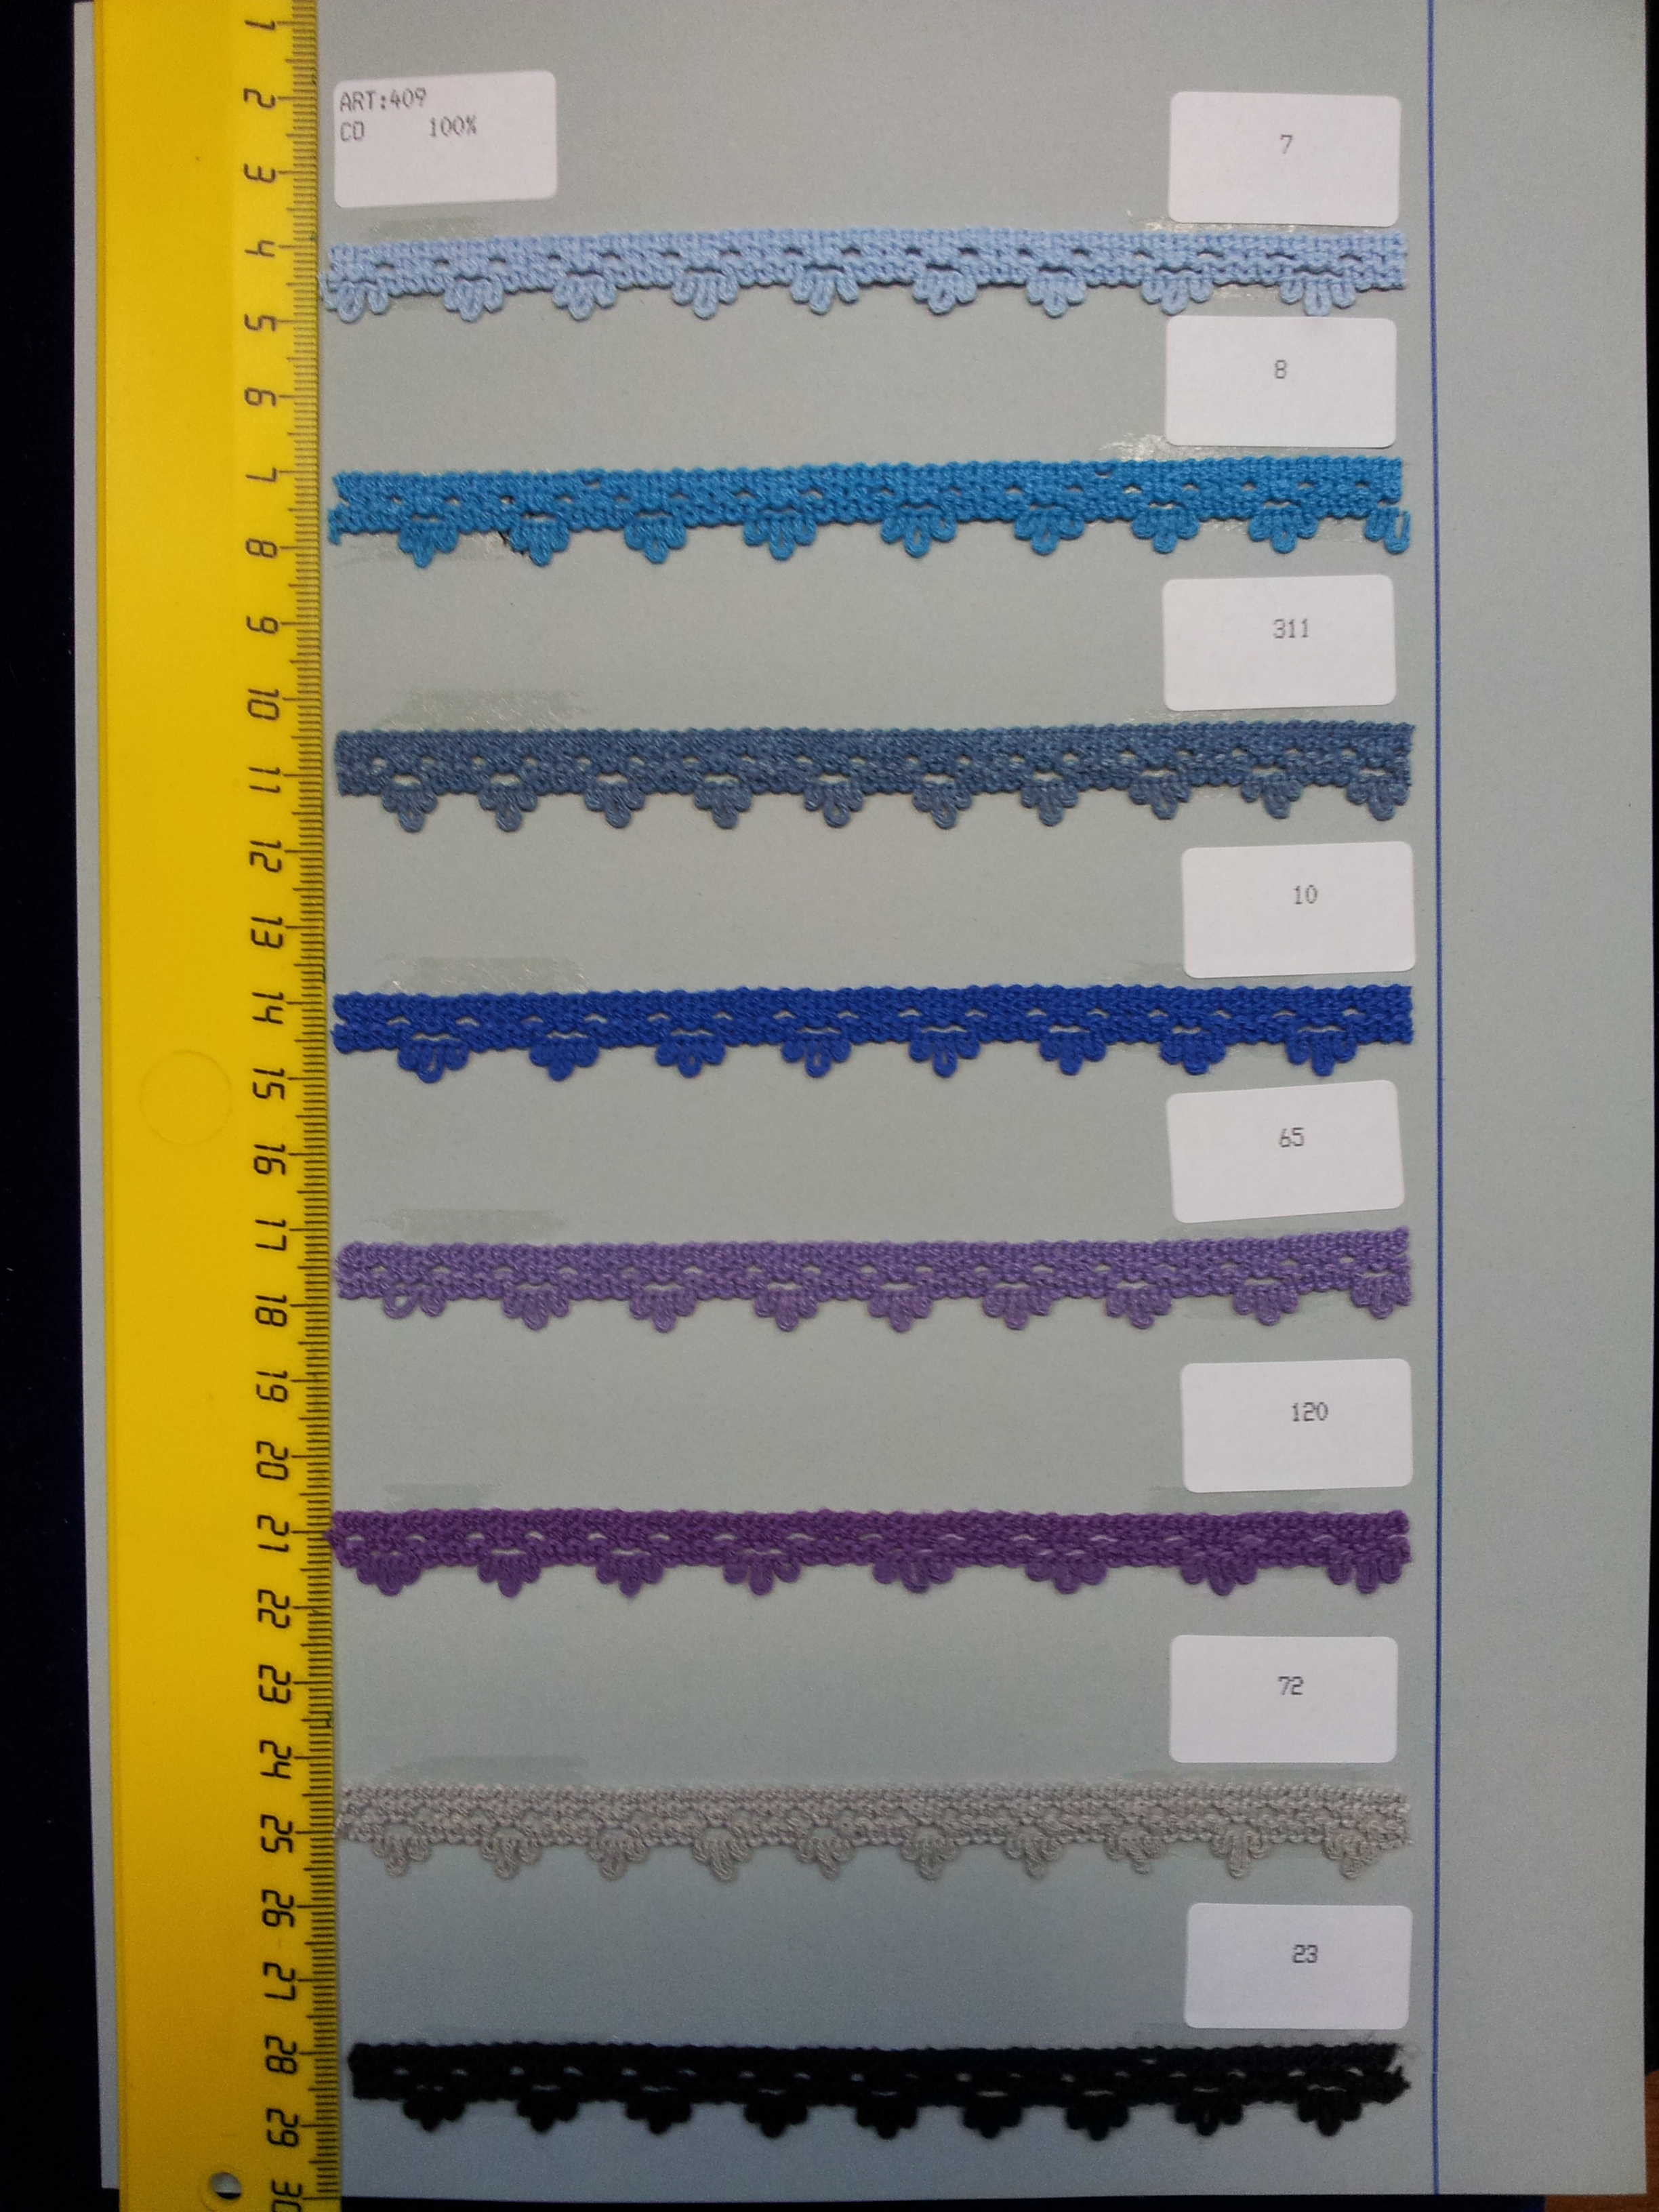 Цветовая карта 3 для Арт.409. Хлопок.jpg